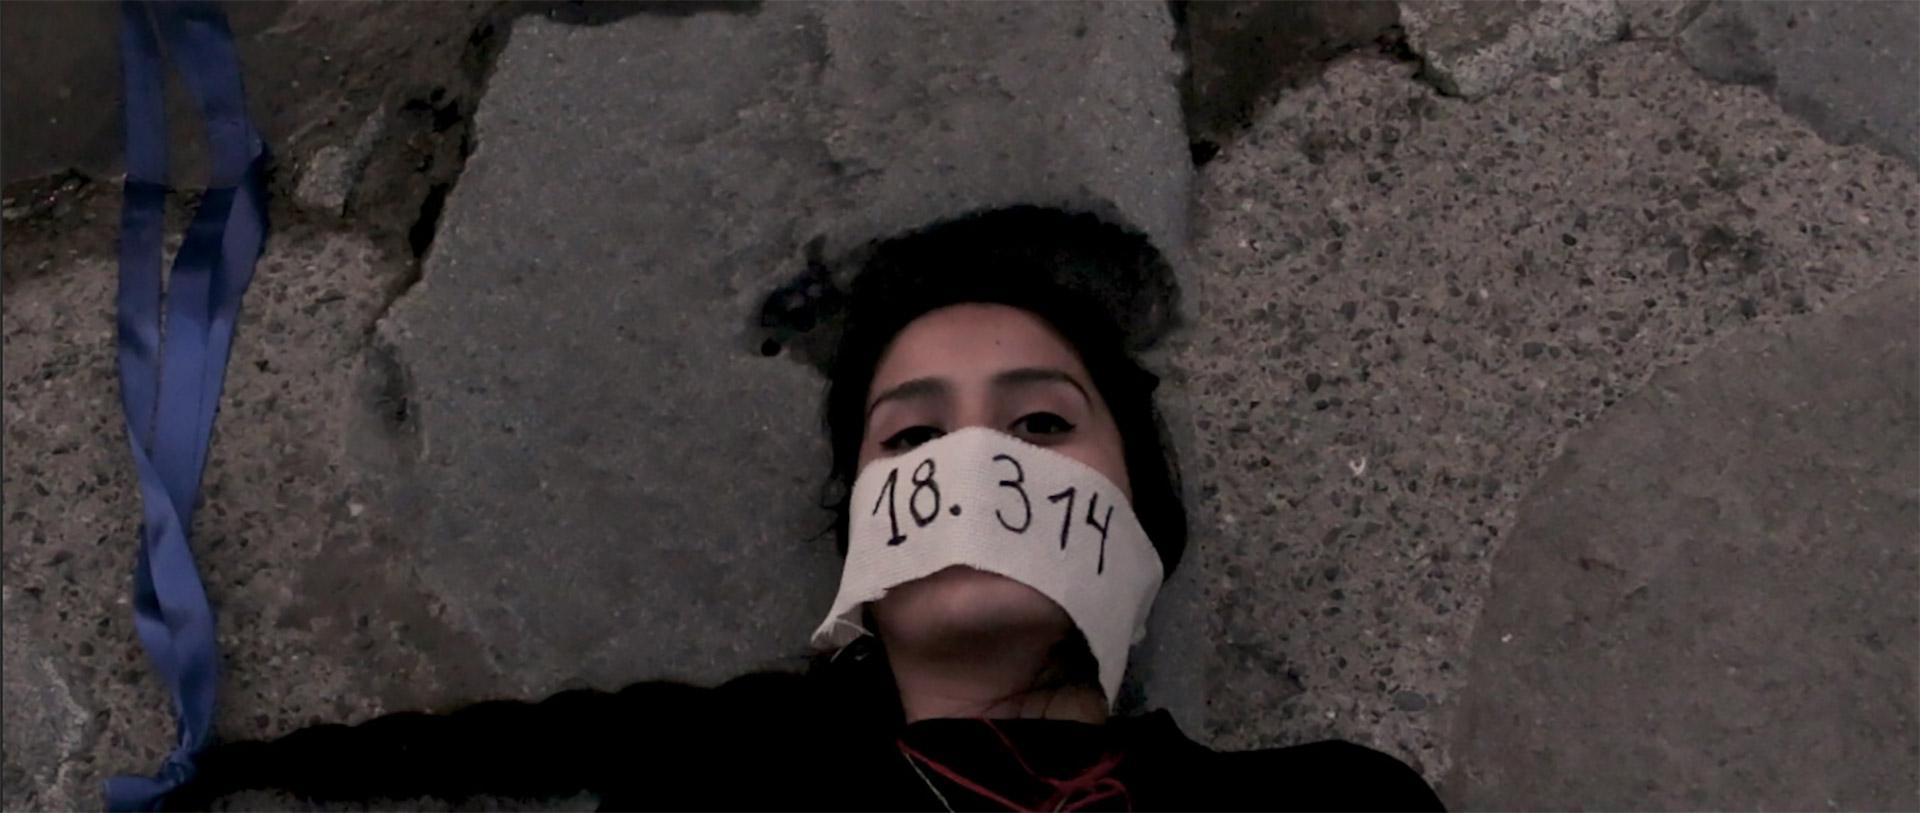 Intervención Mapuche - Obra 18.314: Mari pura warangka küla pataka mari meli